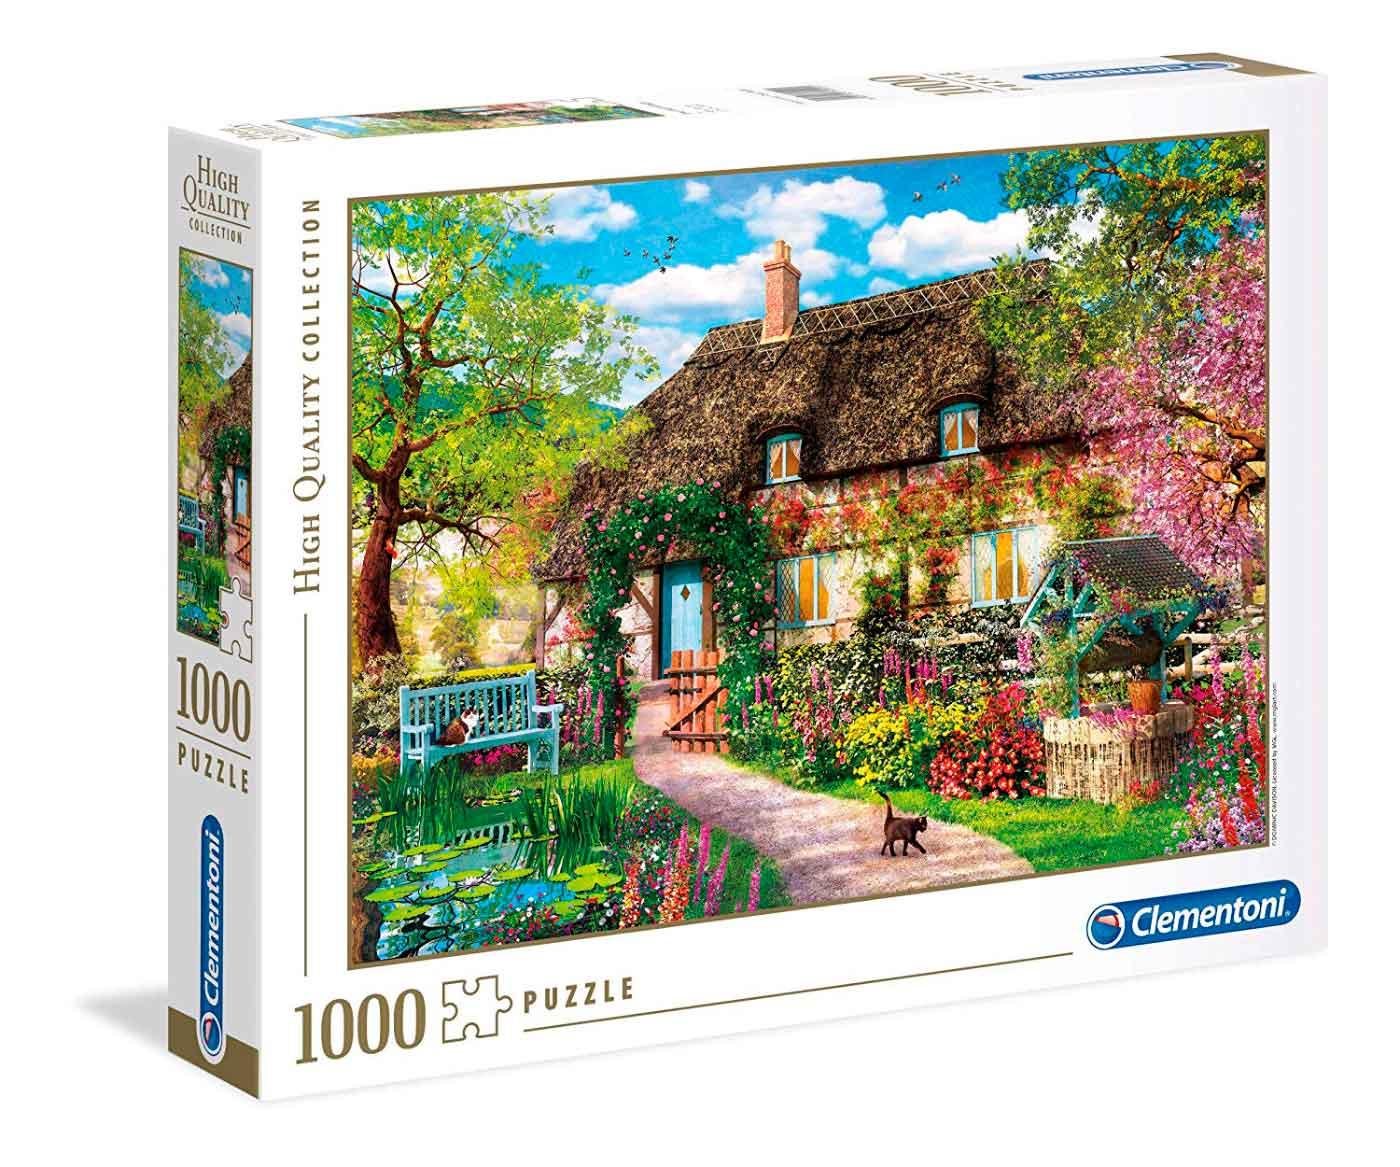 Puzzle Clementoni La Vieja Cabaña de 1000 Piezas